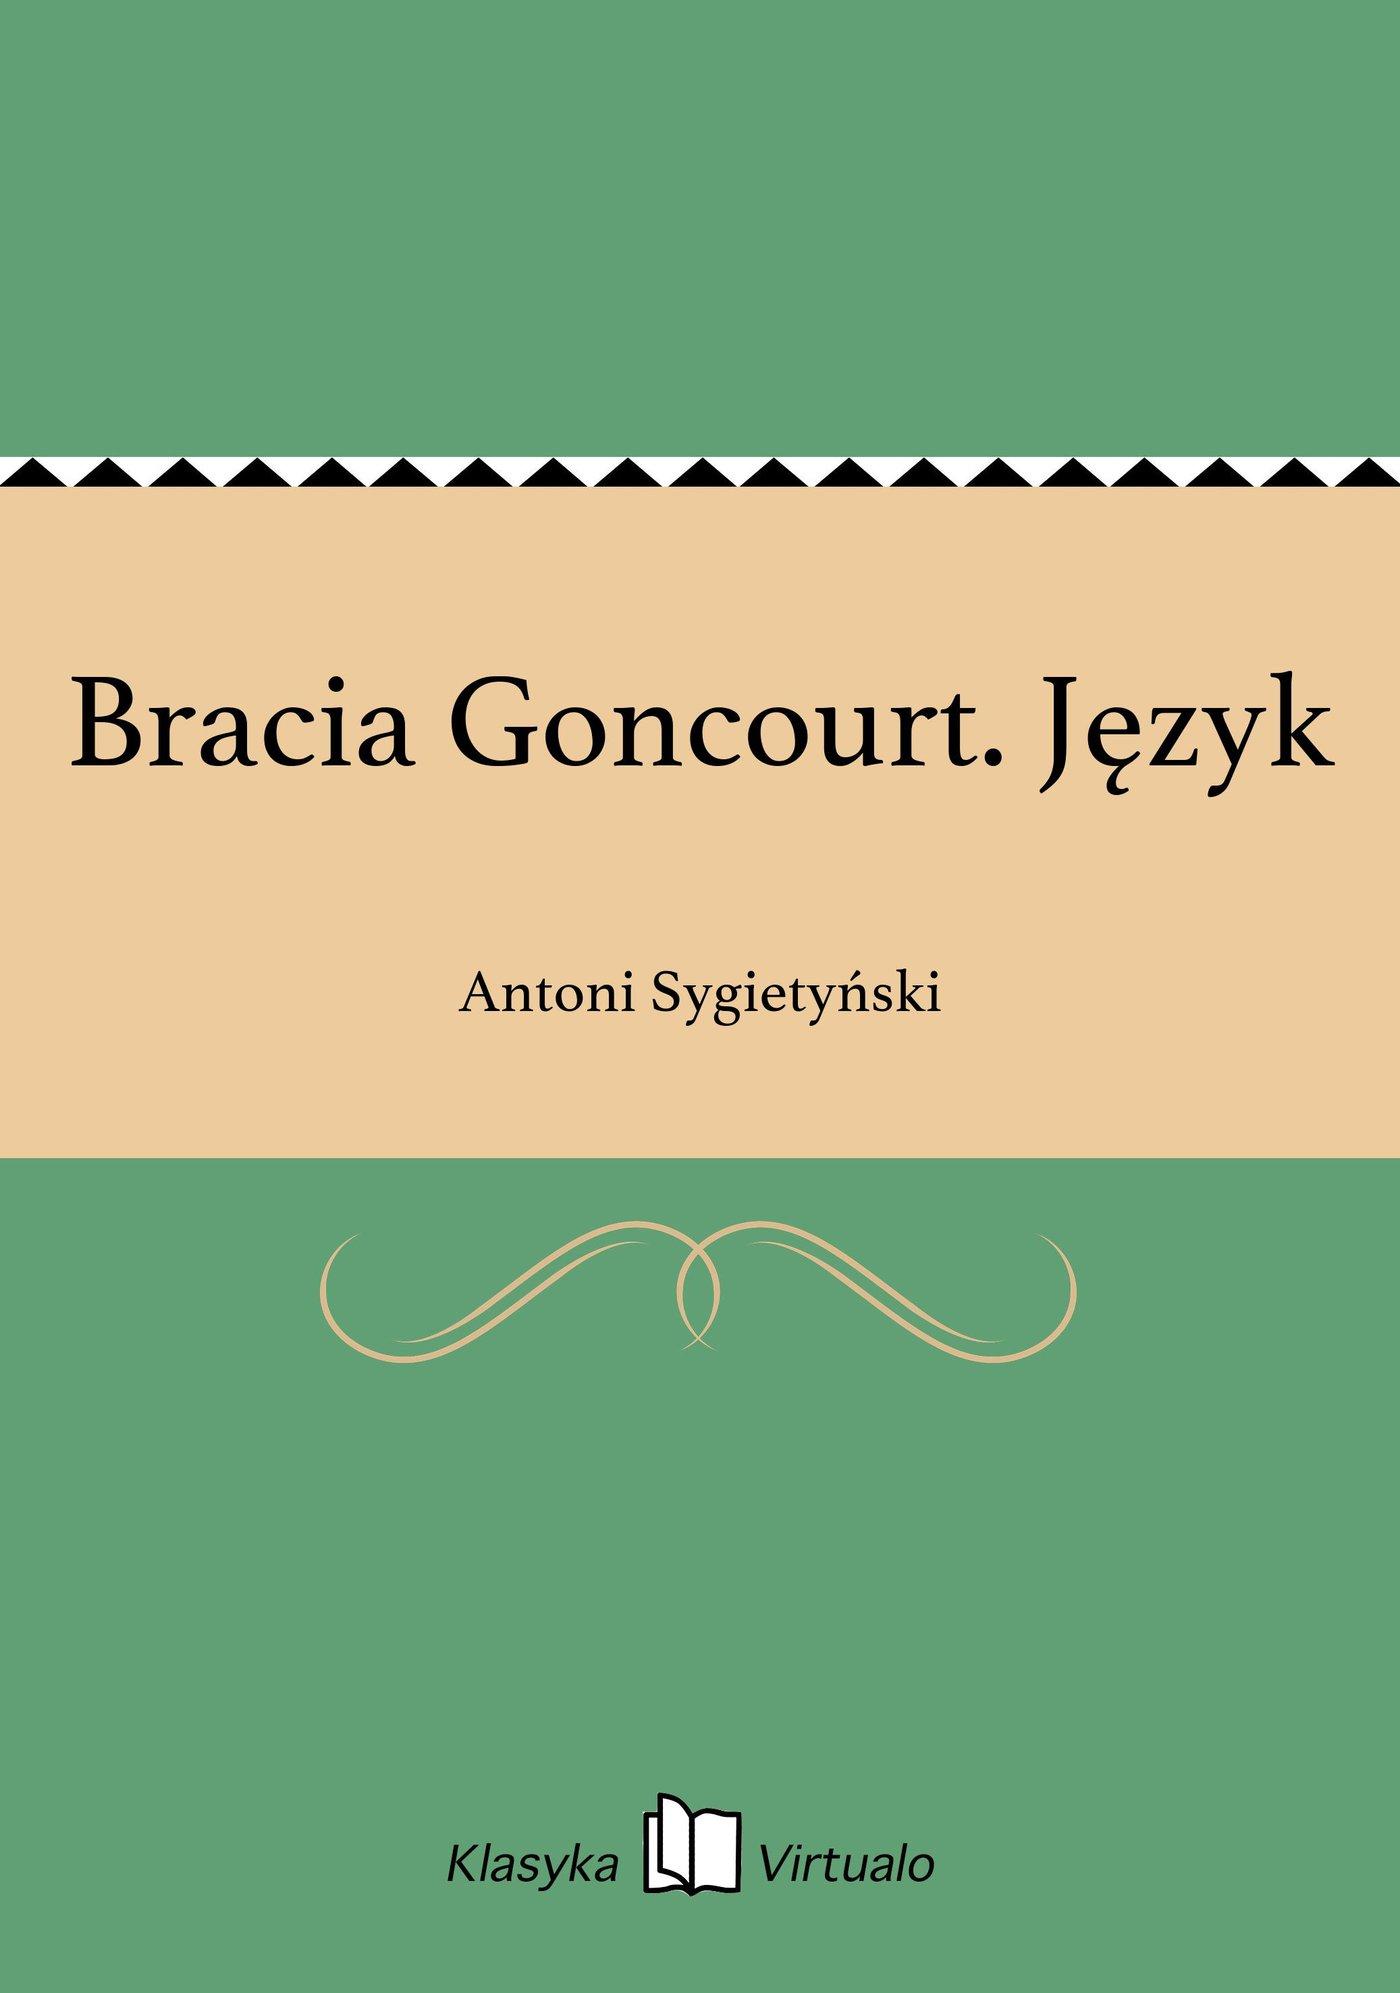 Bracia Goncourt. Język - Ebook (Książka EPUB) do pobrania w formacie EPUB